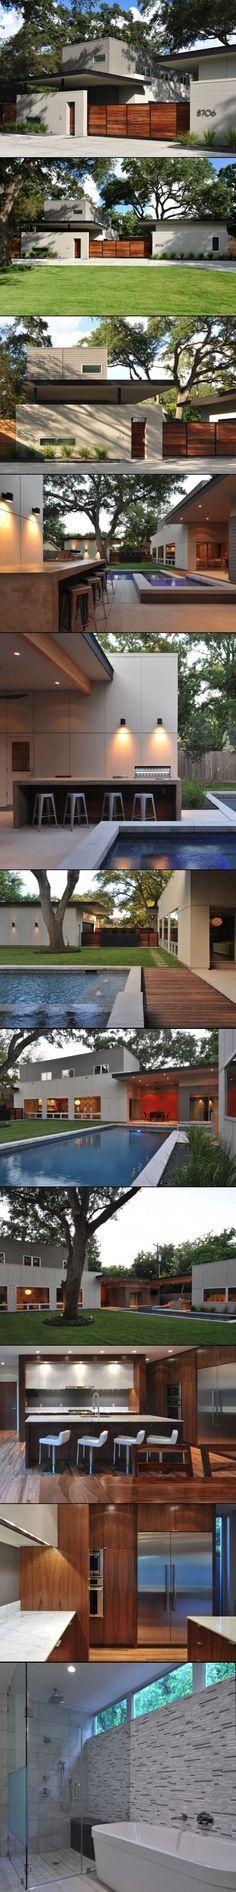 Fachada de patio y exterior